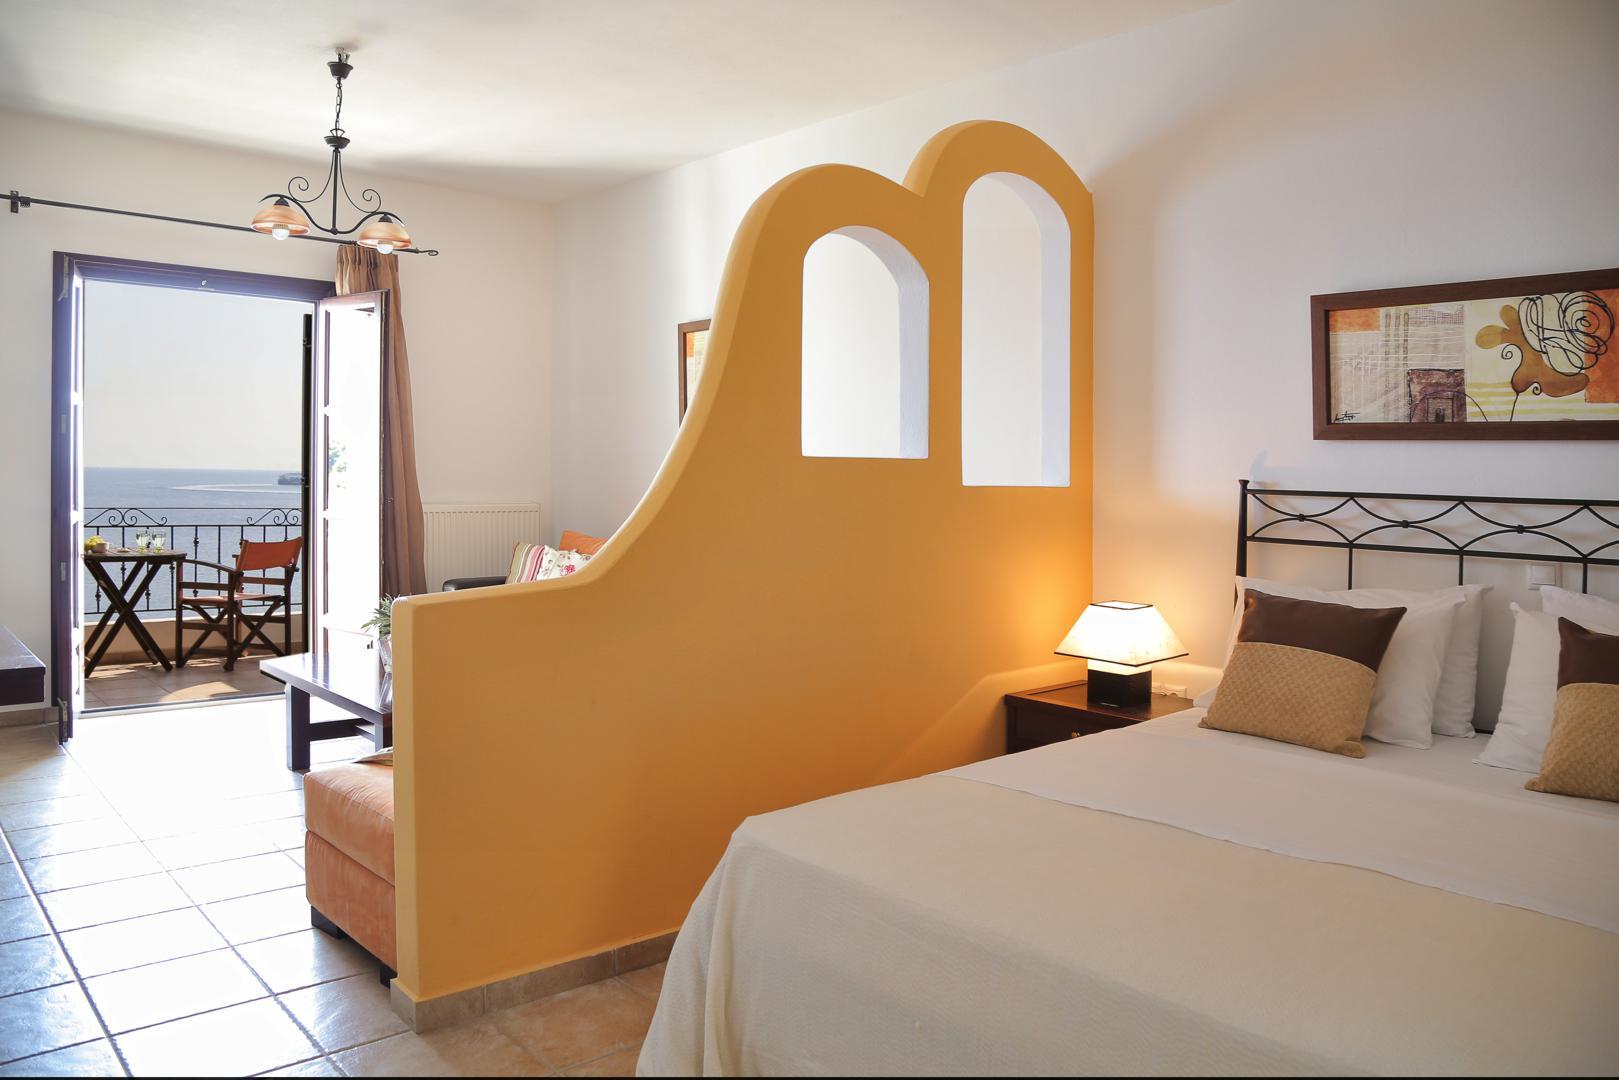 Yalis Hotel - Premium Double Room 1